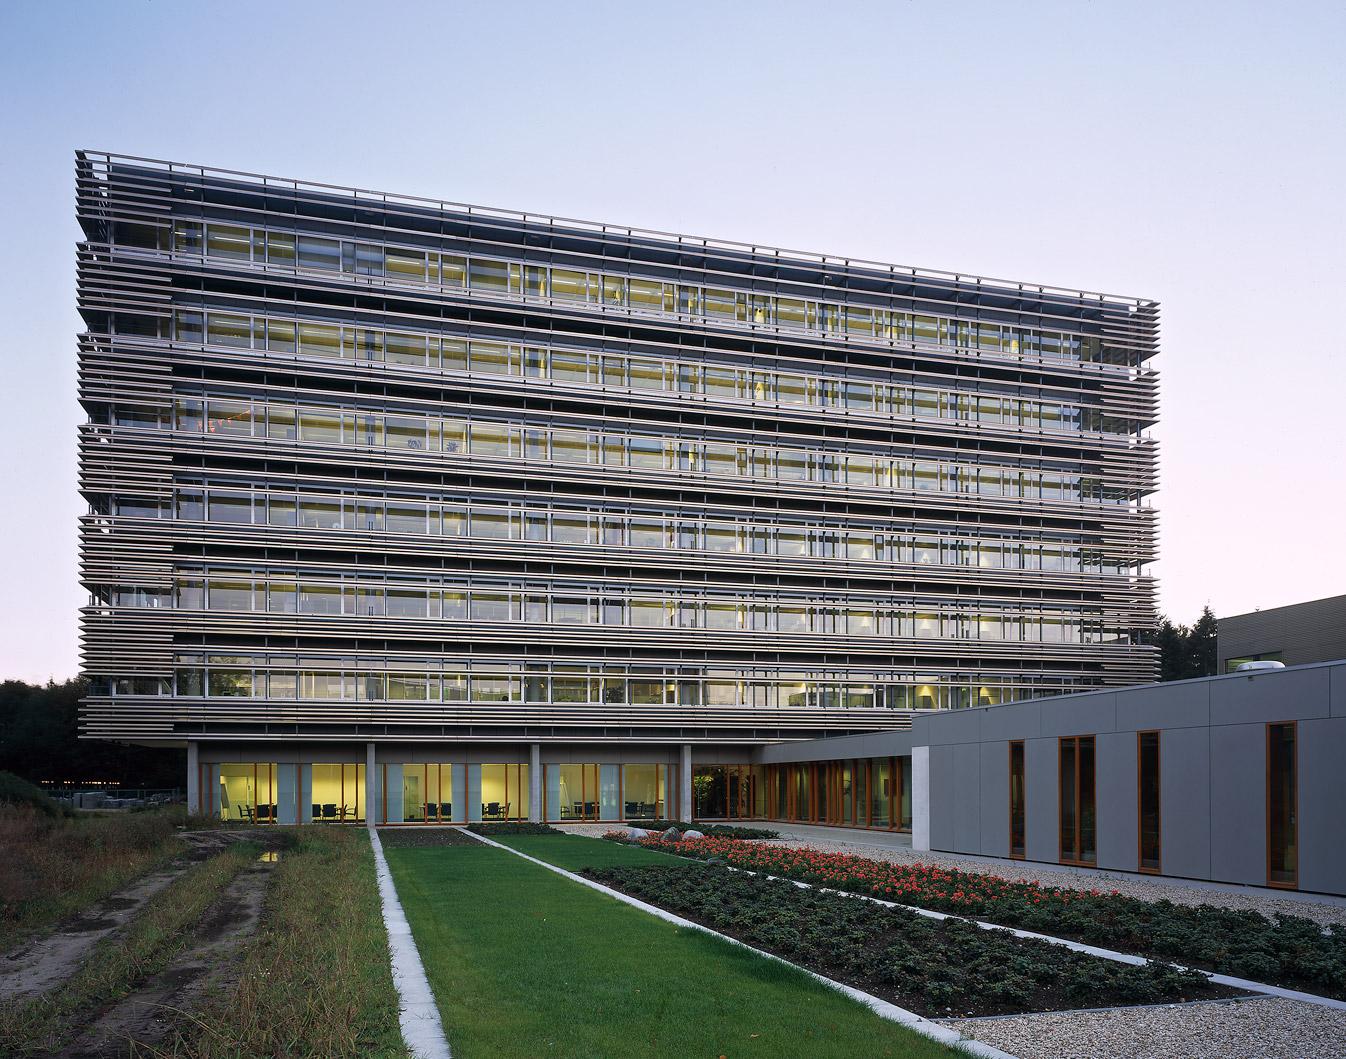 Belastingdienst Kantoor Rotterdam : Abe hoofdkantoor elsevier belastingdienst